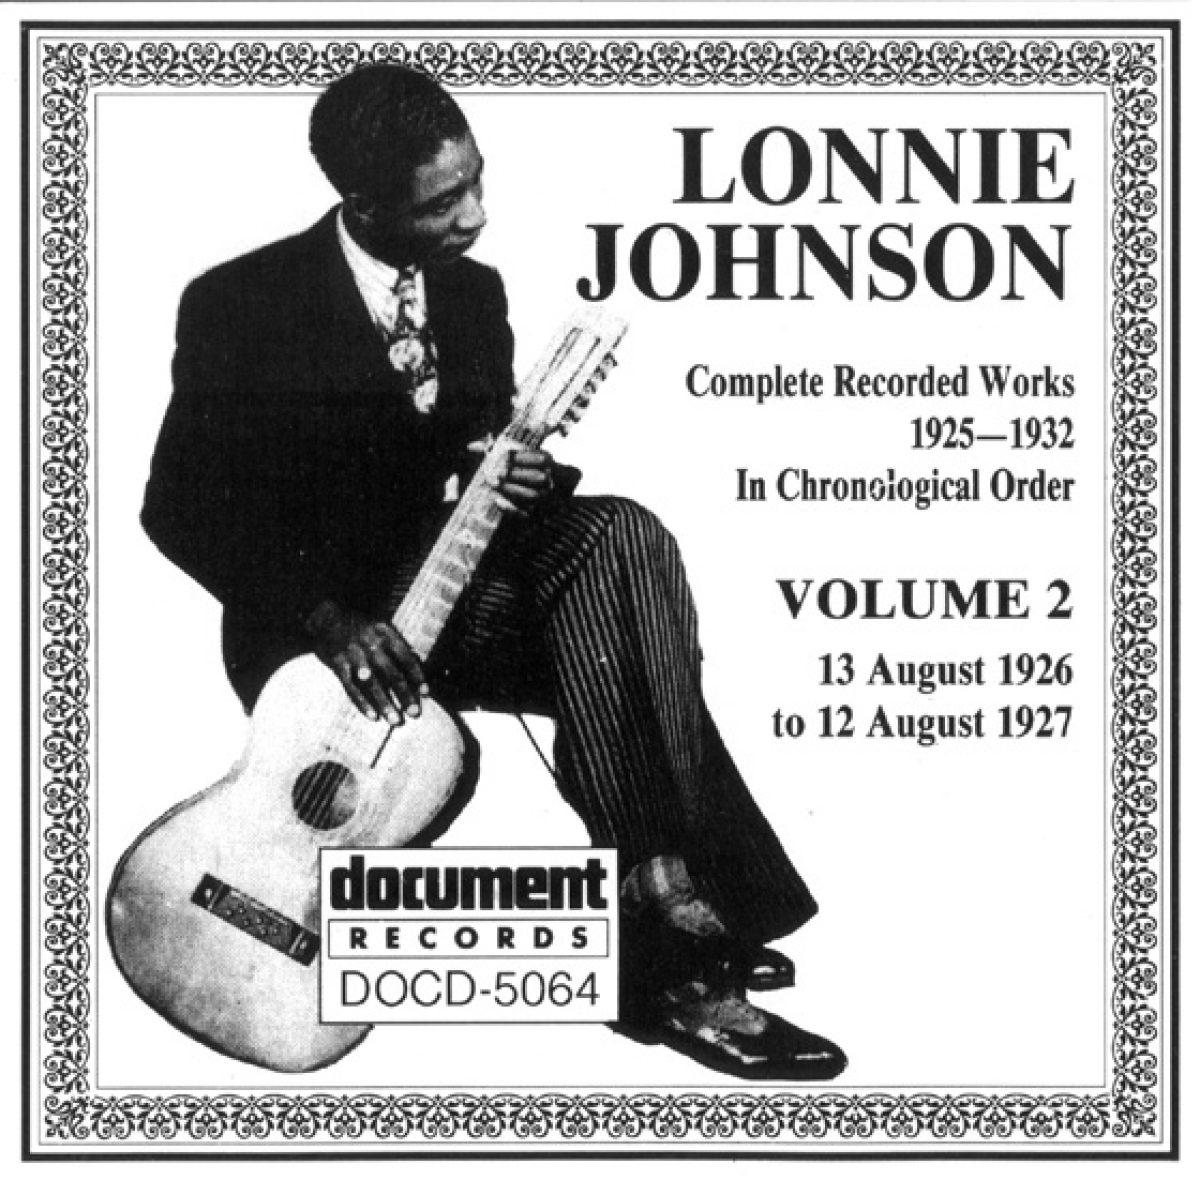 Lonnie Johnson Vol. 2 (1926-1927)